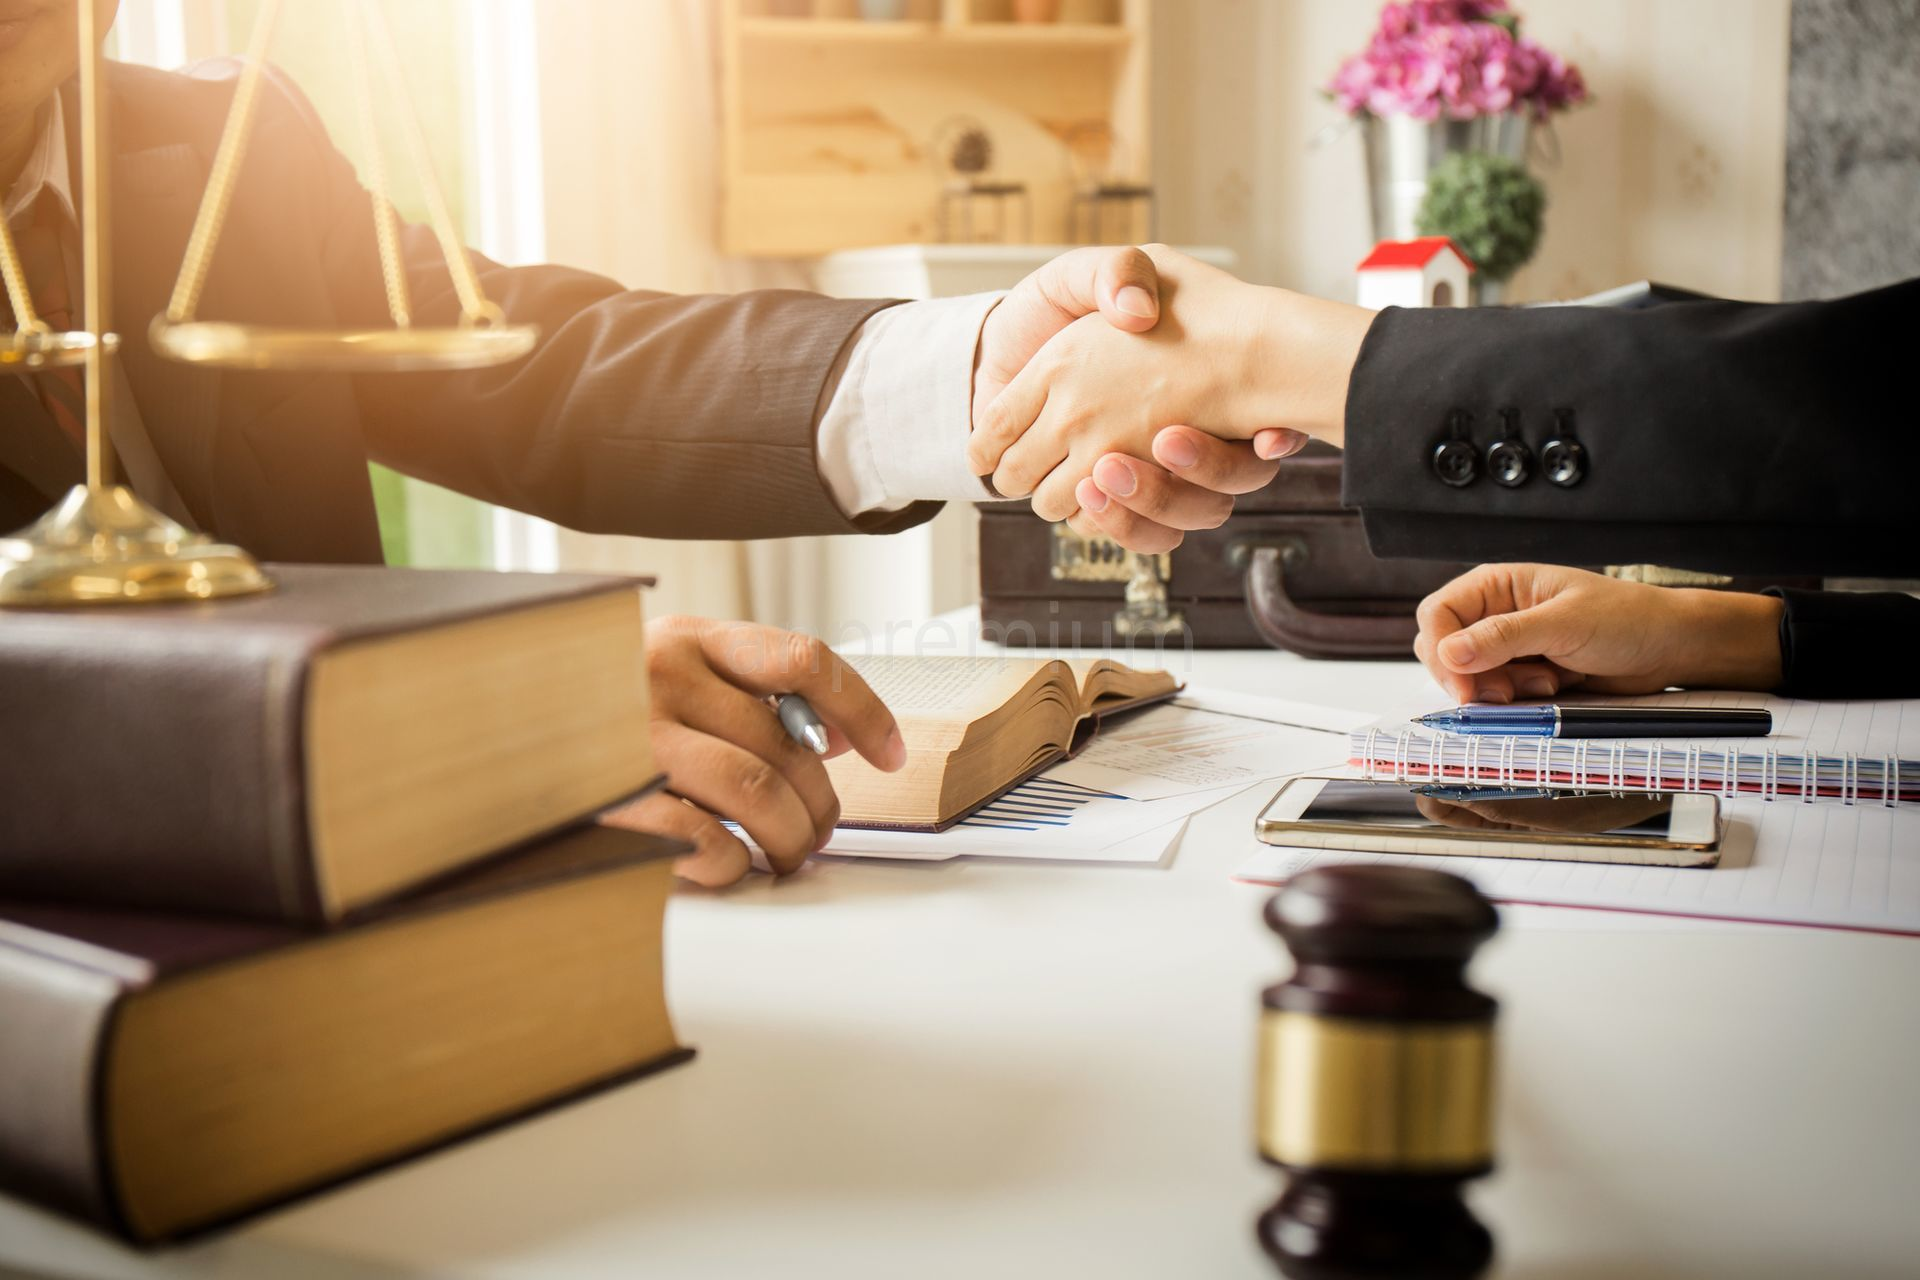 Консультация военного юриста бесплатно онлайн круглосуточно